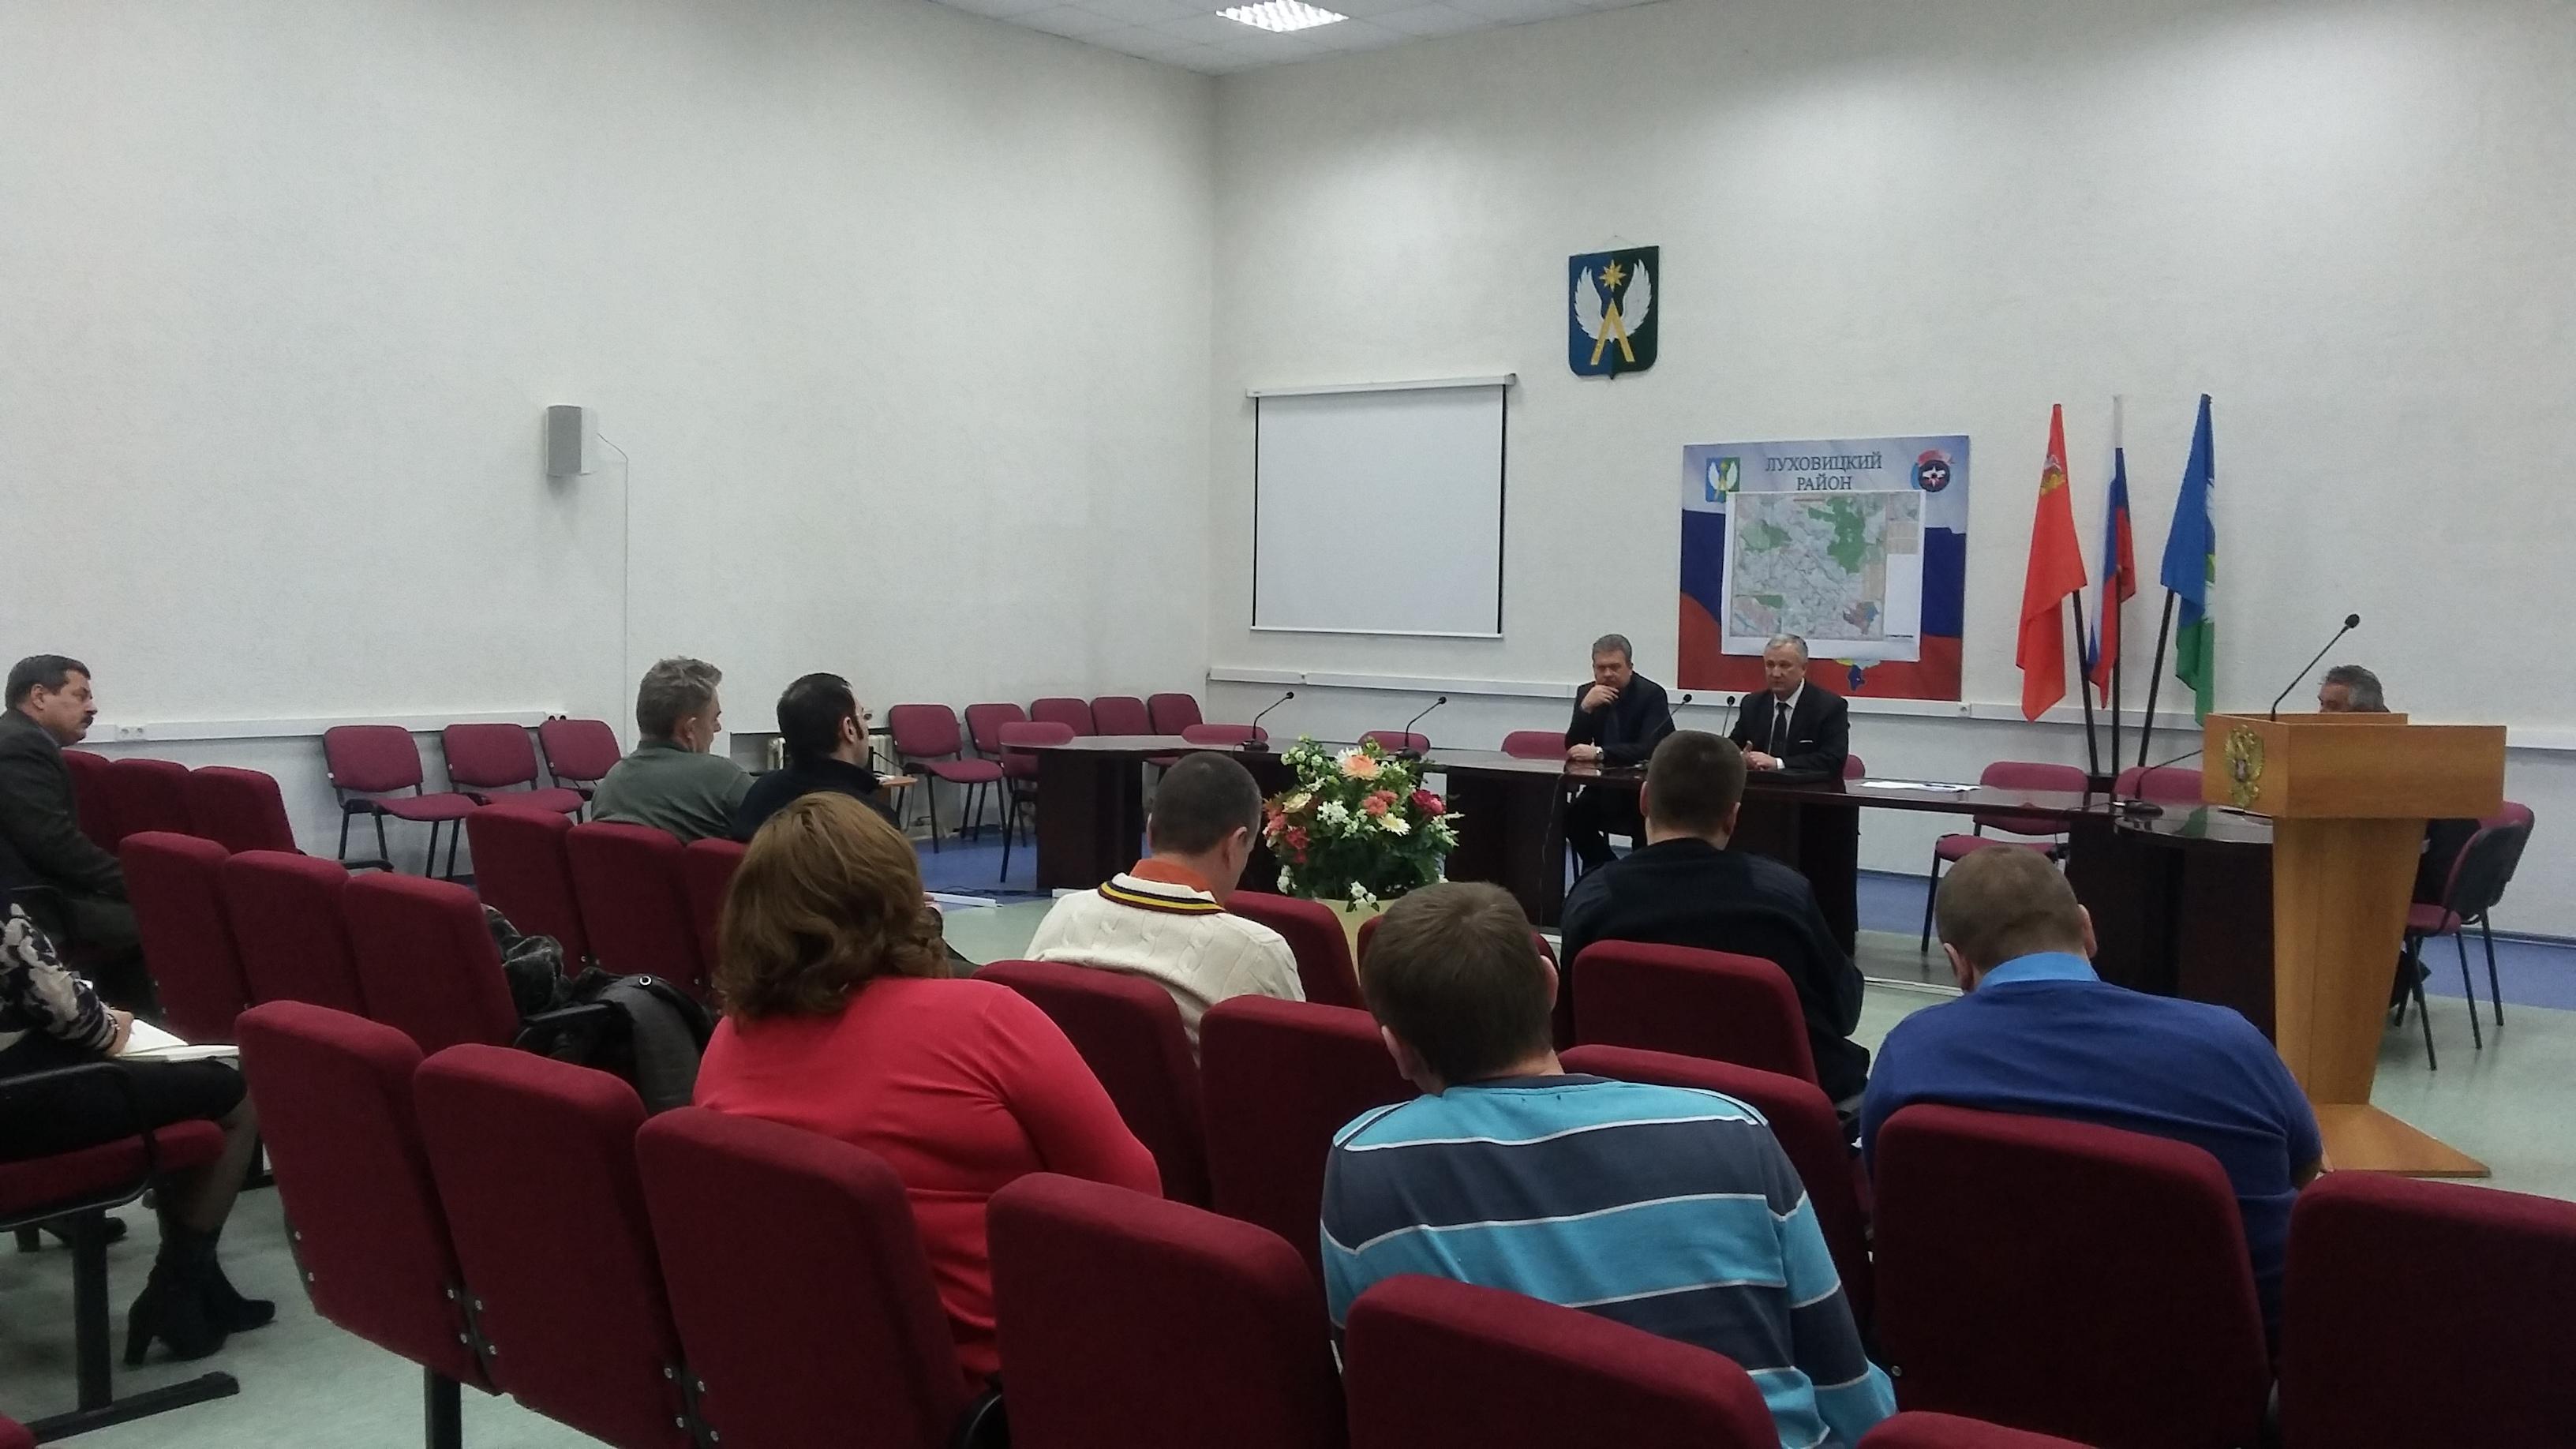 Совещания по вопросам организации деятельности народных дружин на территориях муниципальных образований Московской области состоялись 11 февраля